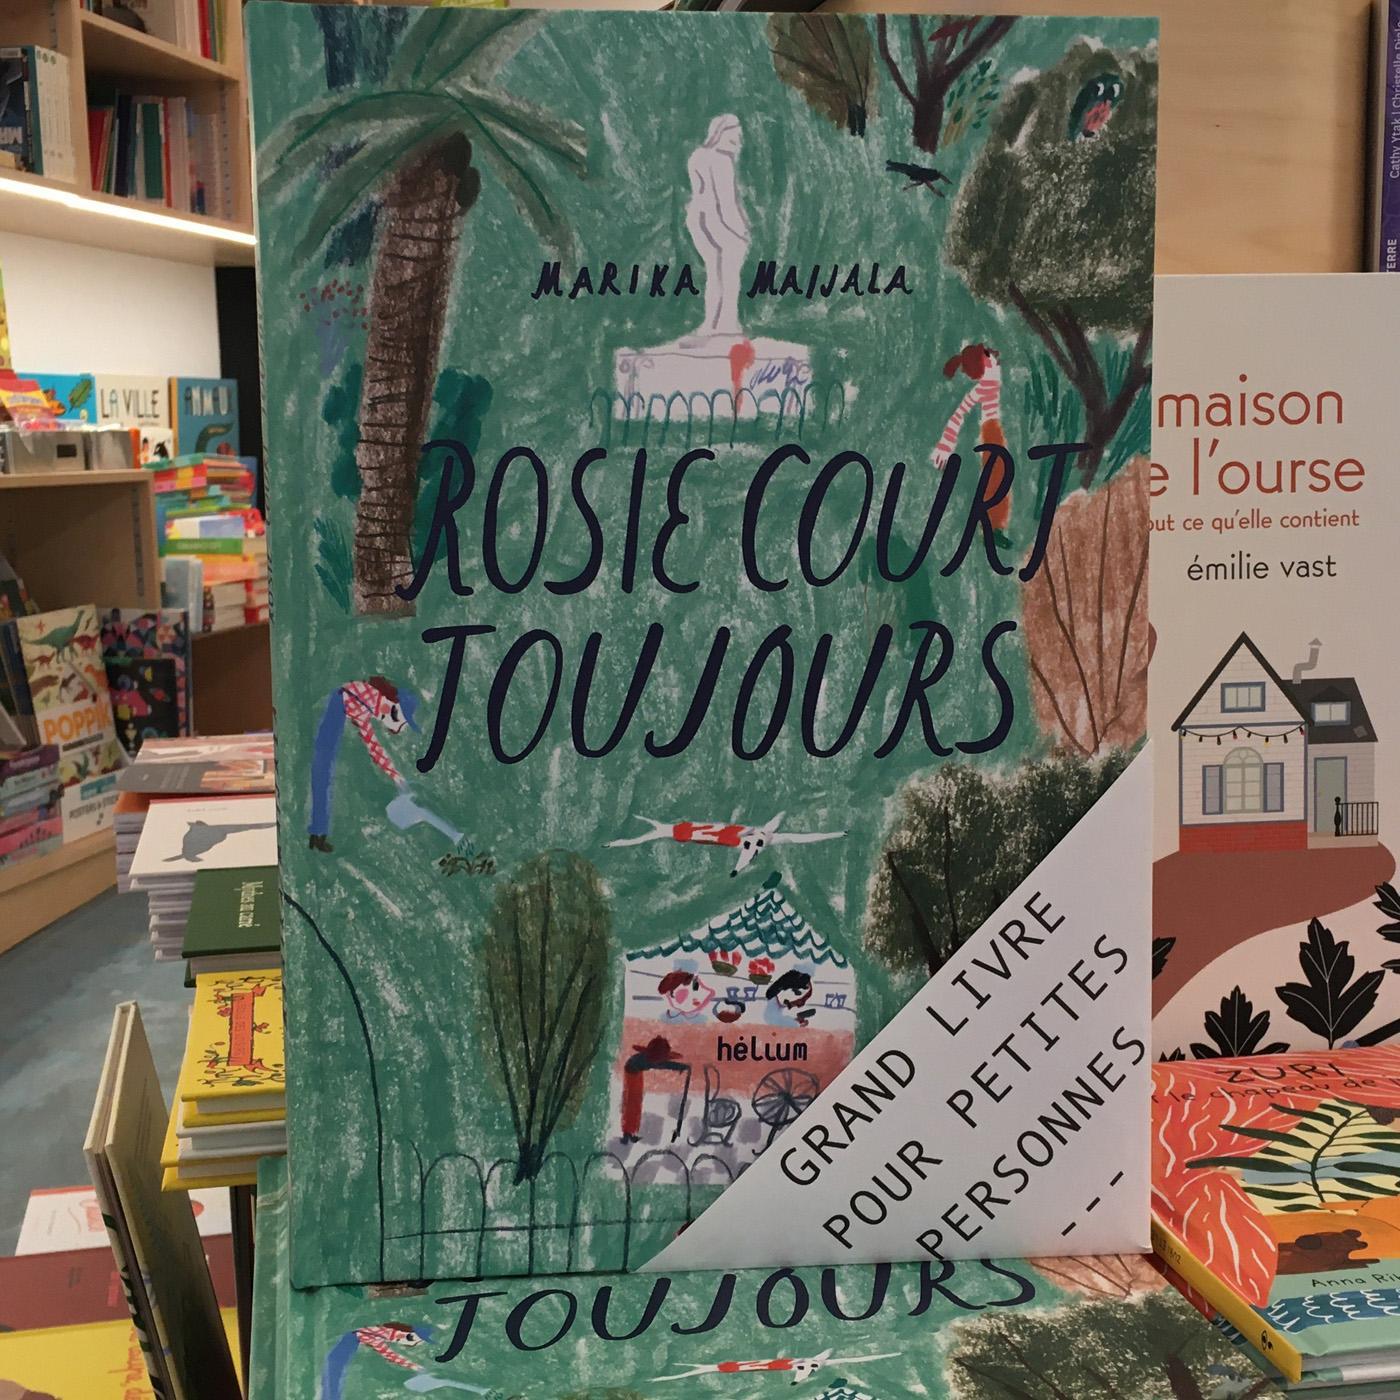 Grands livres pour petites personnes #23 - Rosie court toujours